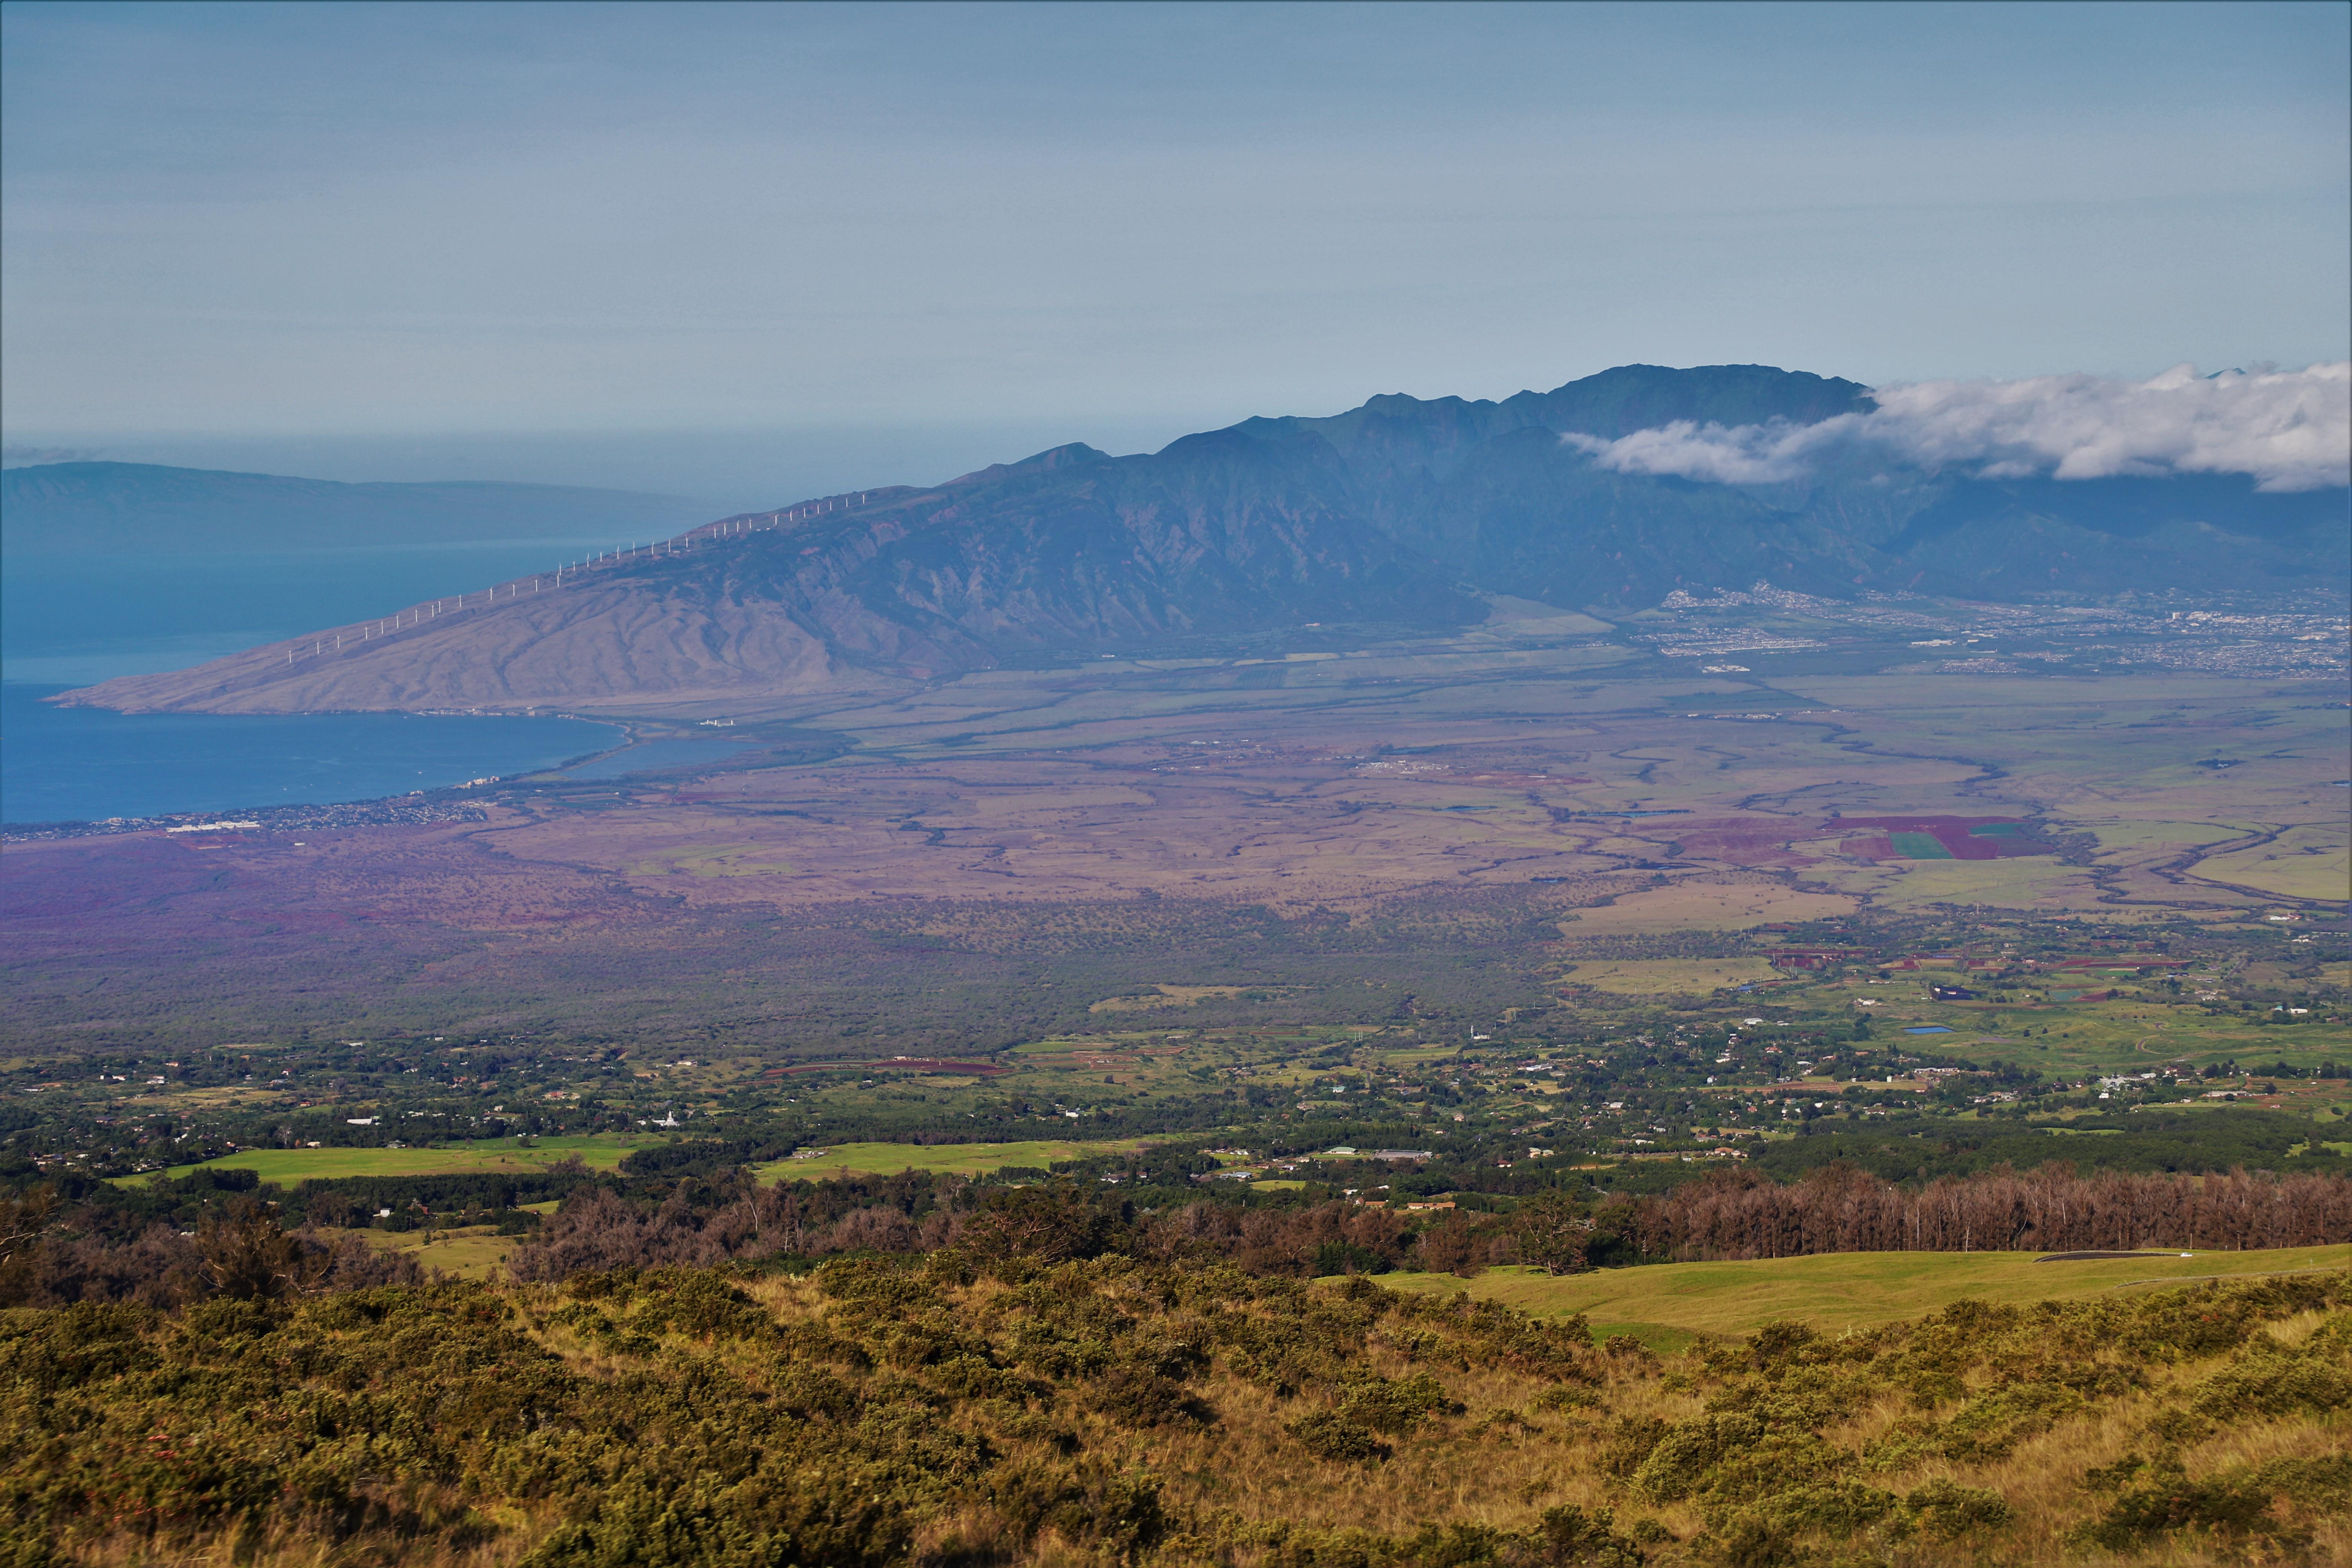 2018 11 25 5 Haleakala National Park.JPG